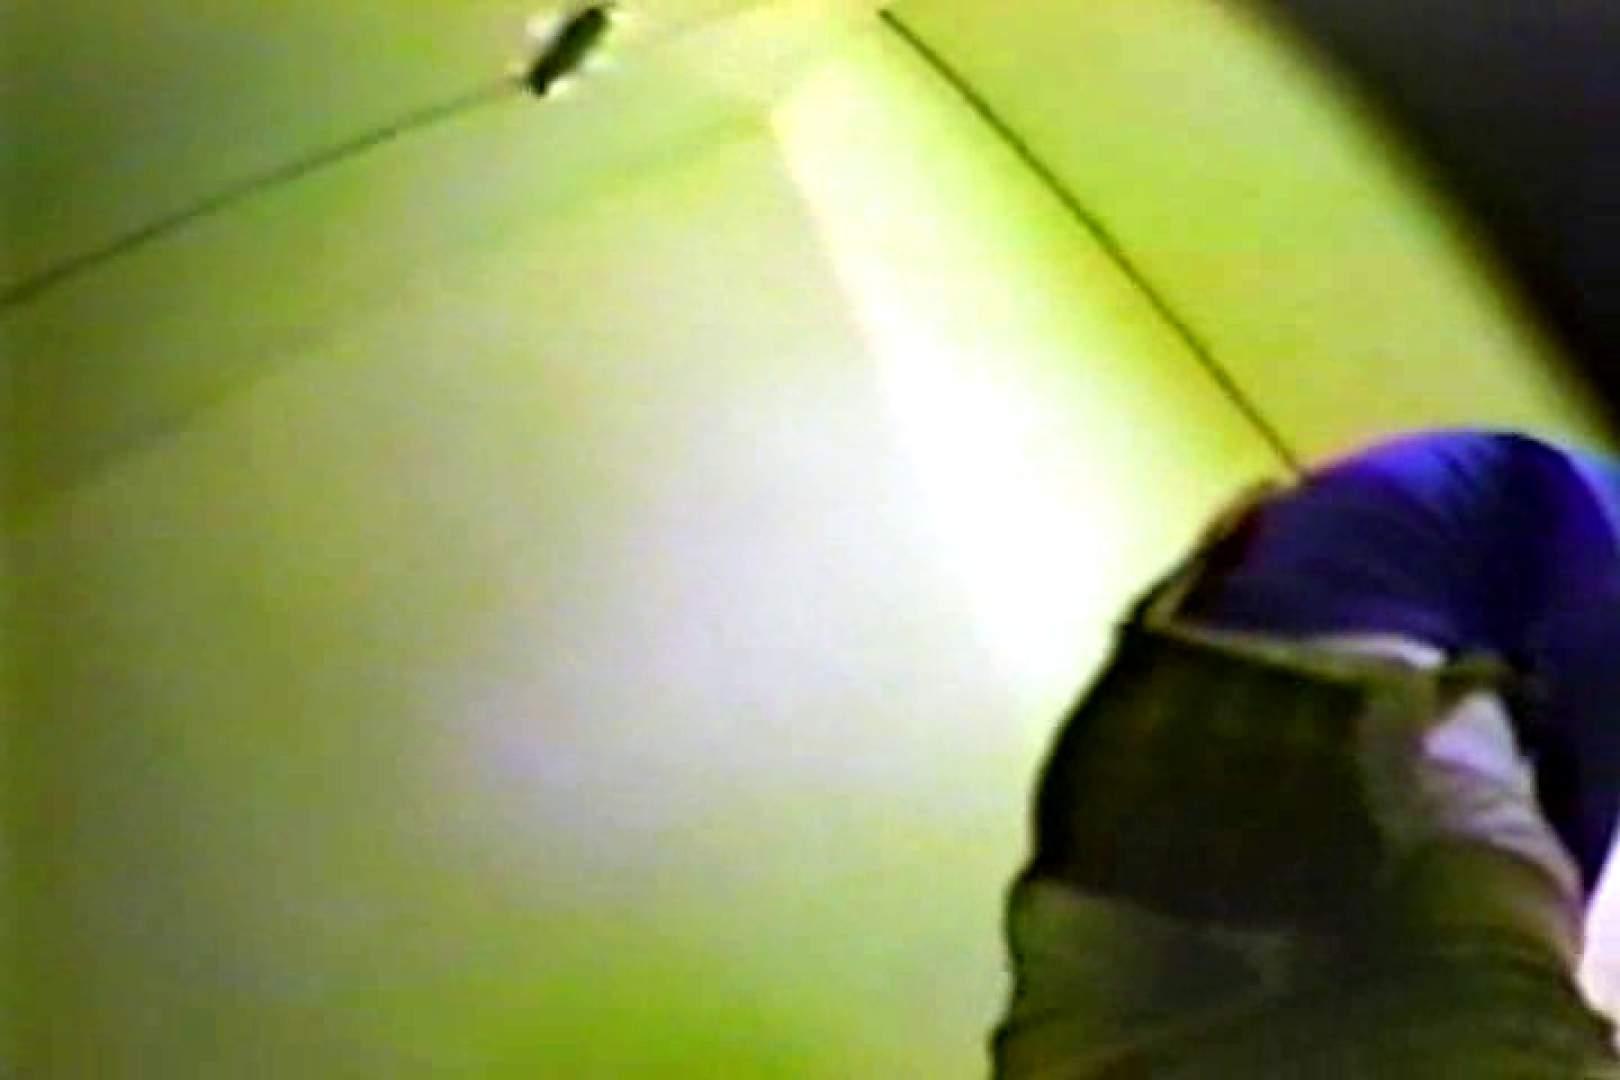 個室狂いのマニア映像Vol.1 おまんこ丸出し えろ無修正画像 78連発 67